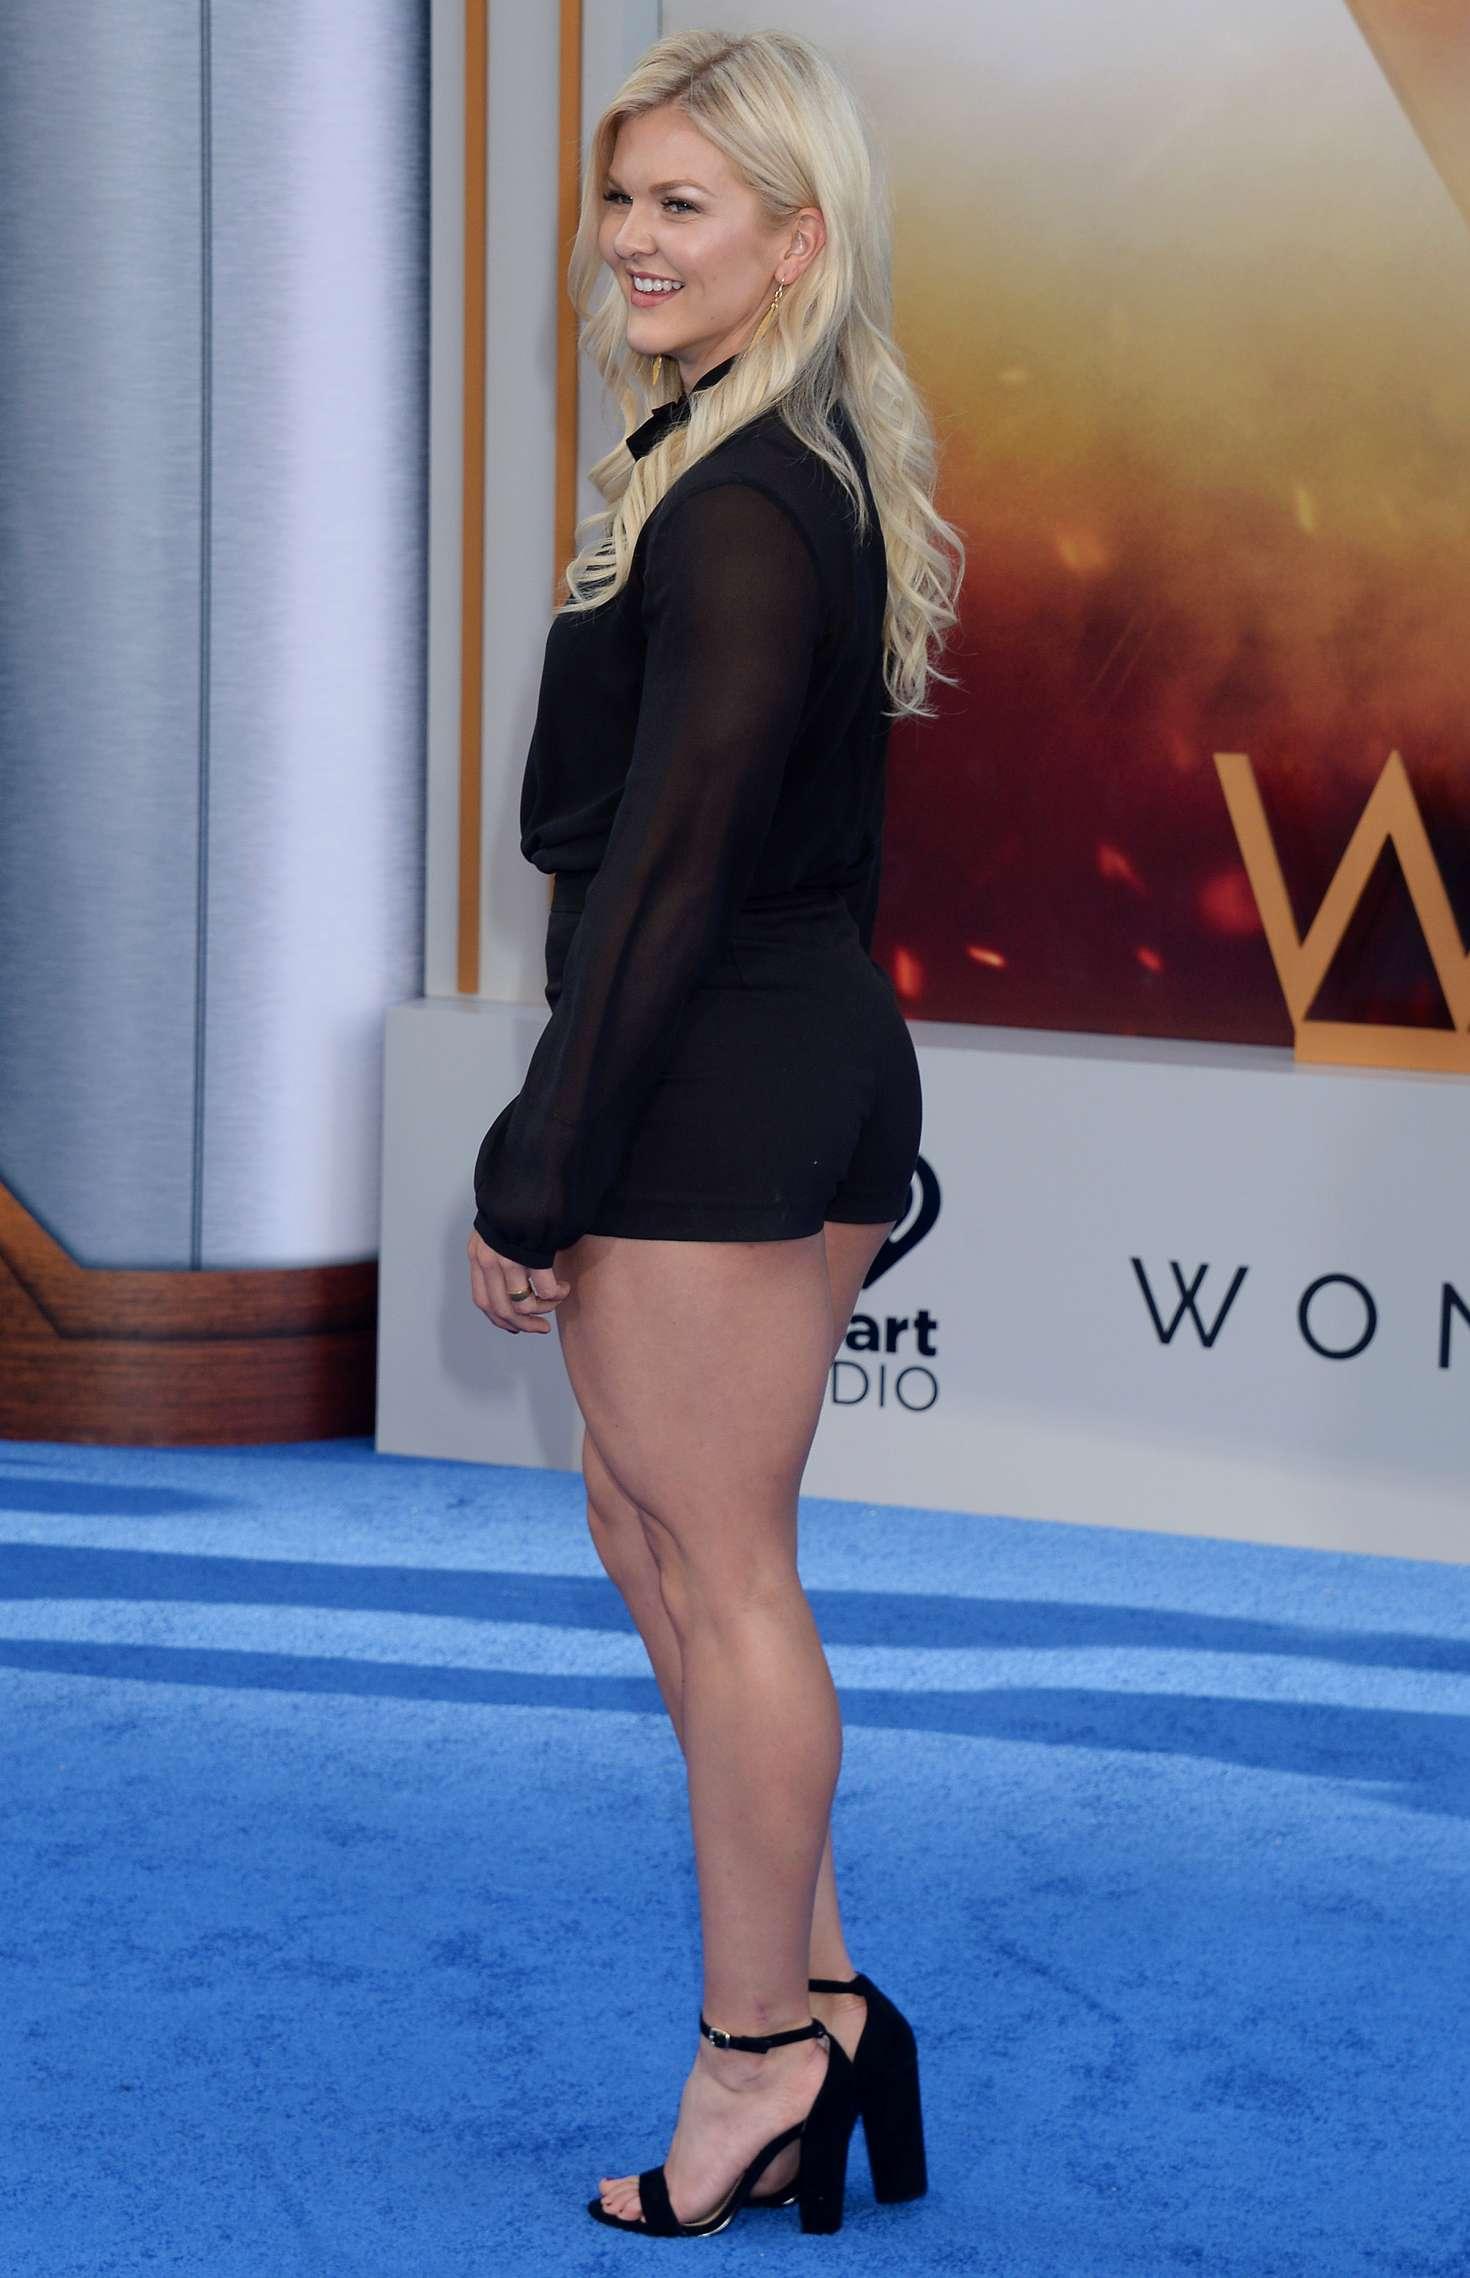 My Cute Name Wallpaper Brooke Ence Wonder Woman Premiere In Los Angeles 28